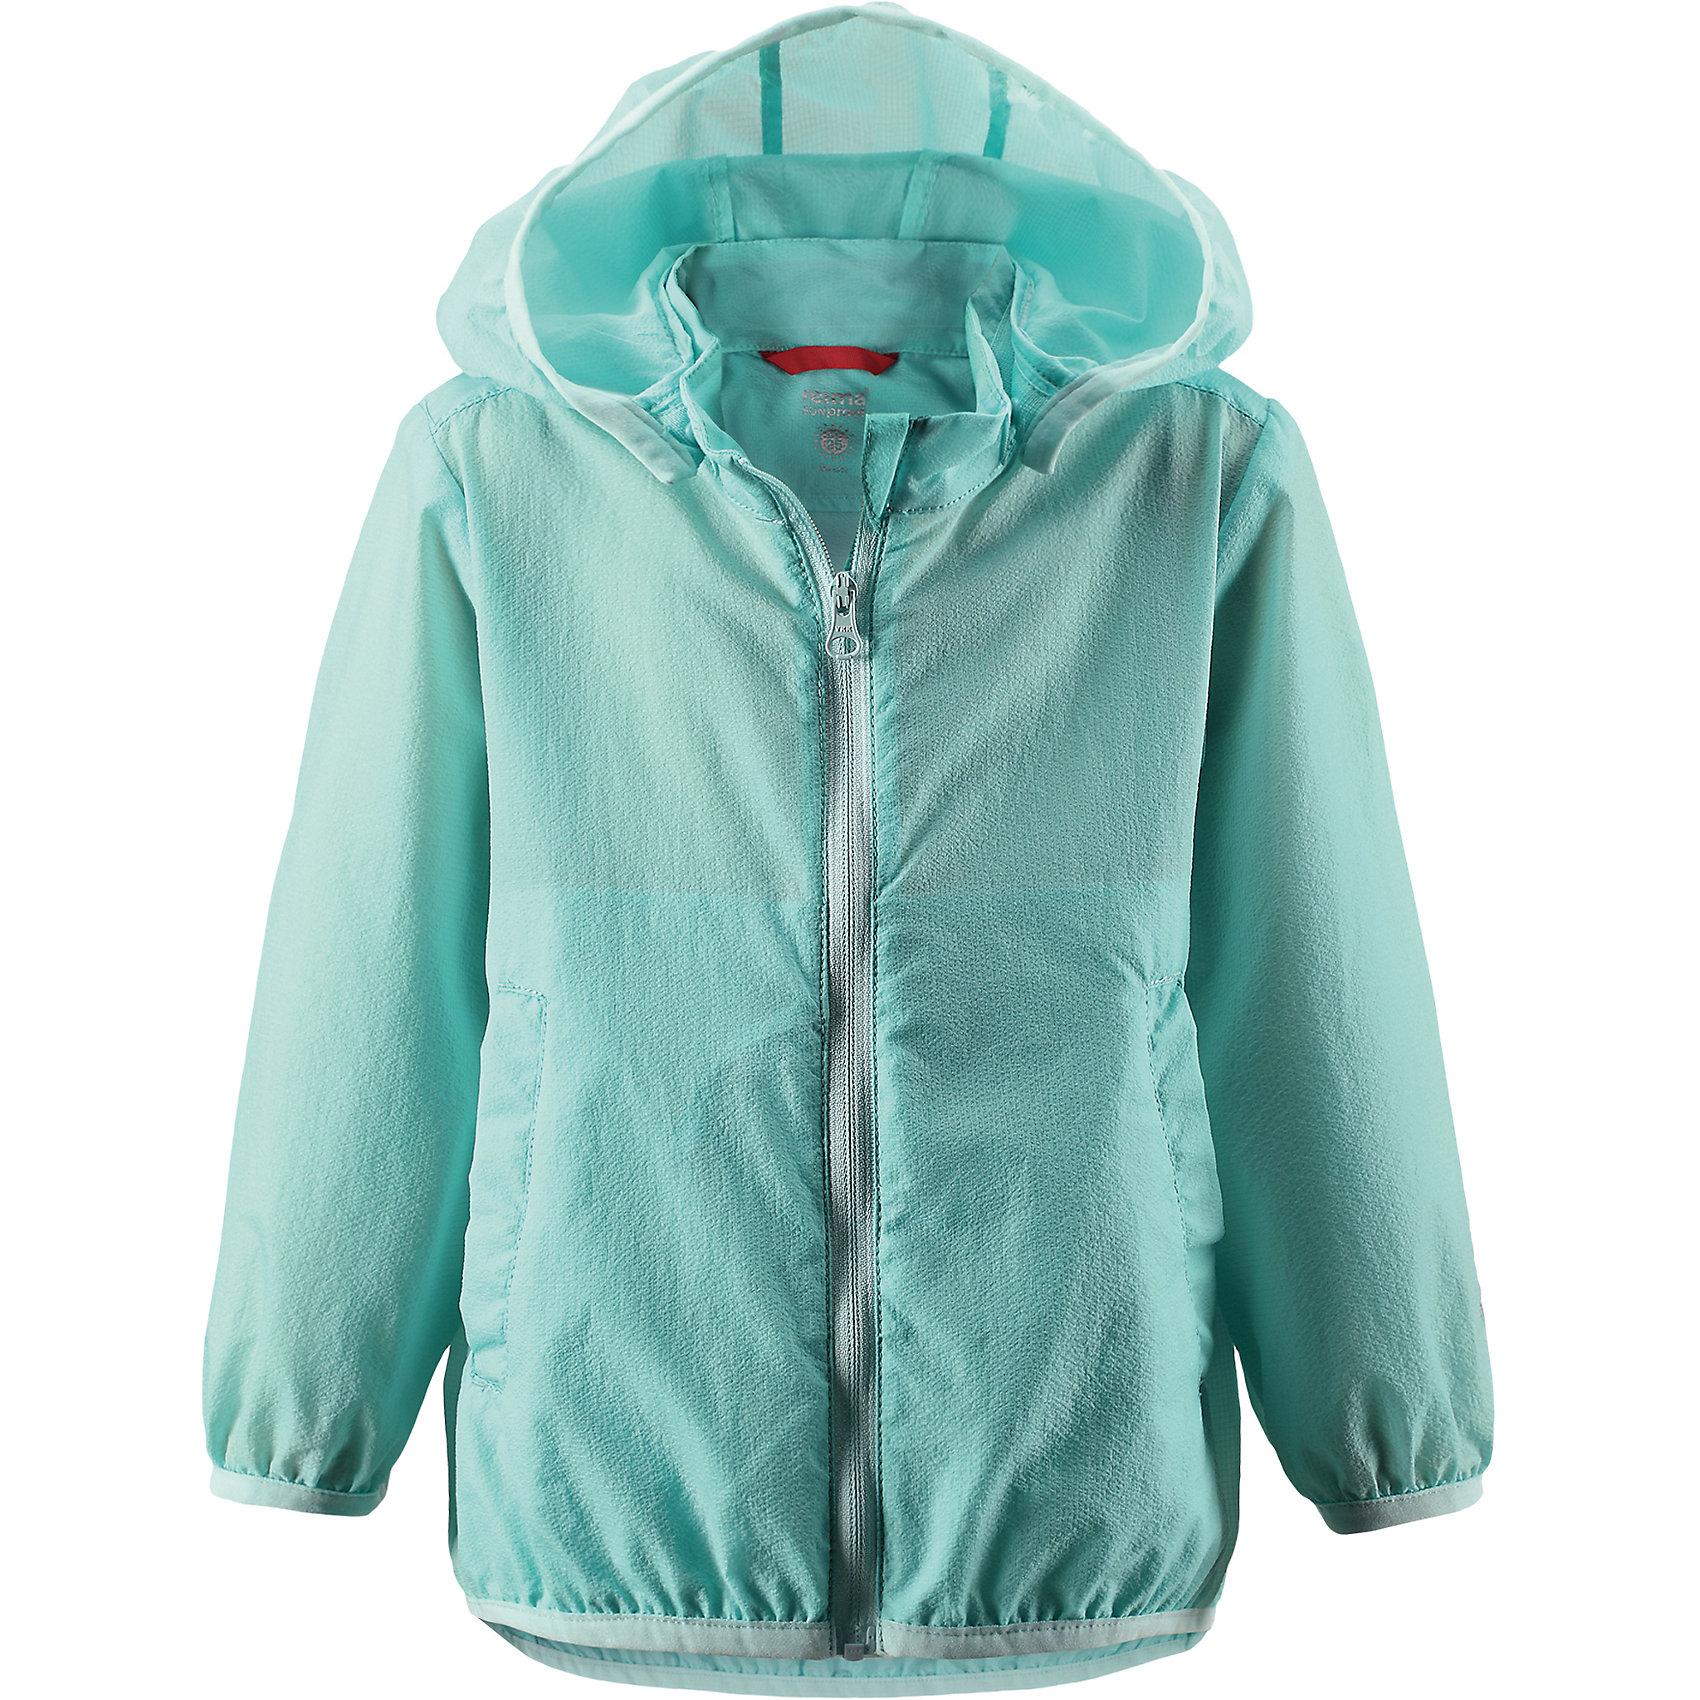 Куртка для девочки ReimaКуртка  для девочки от финского бренда Reima.<br>Куртка для малышей. Легкий водоотталкивающий и «дышащий» материал. Без подкладки. Безопасный, съемный капюшон. Эластичная резинка на кромке капюшона, манжетах и подоле. Возможность свернуть куртку во внутренний карман.<br>Состав:<br>100% Полиамид<br><br>Уход:<br>Cтирать с бельем одинакового цвета. Застегнуть молнии и липучки. Стирать моющим средством, не содержащим отбеливающие вещества. Полоскать без специального средства. Во избежание изменения цвета изделие необходимо вынуть из стиральной машинки незамедлительно после окончания программы стирки. Сушить при низкой температуре.<br><br>Ширина мм: 356<br>Глубина мм: 10<br>Высота мм: 245<br>Вес г: 519<br>Цвет: зеленый<br>Возраст от месяцев: 12<br>Возраст до месяцев: 18<br>Пол: Женский<br>Возраст: Детский<br>Размер: 98,80,74,92,86<br>SKU: 5265520